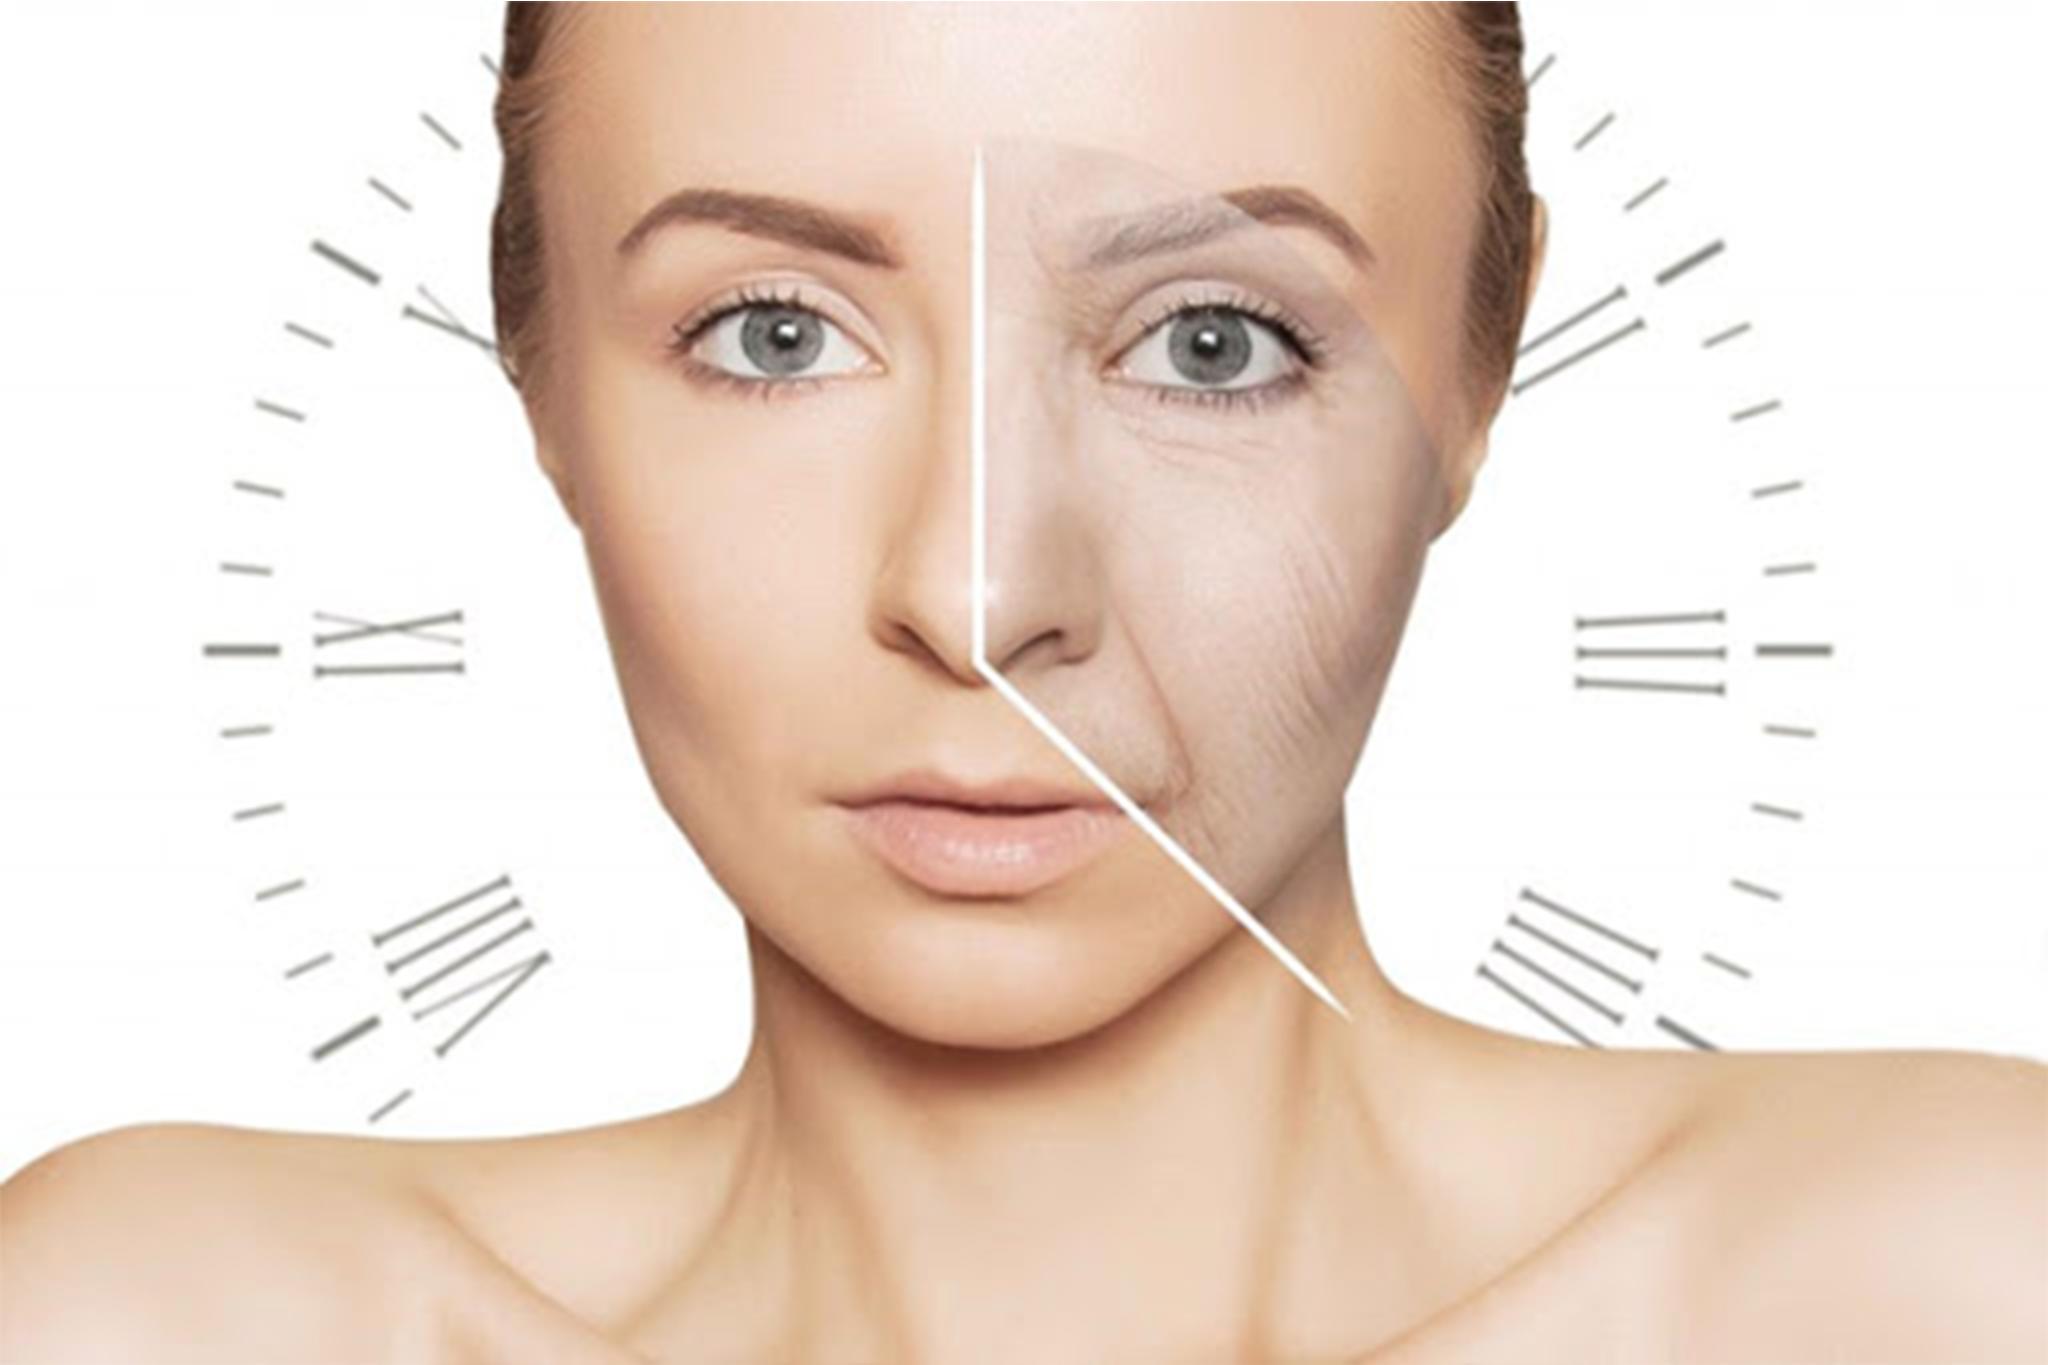 Clair tư vấn: Căng da mặt bằng chỉ ở đâu tốt nhất?